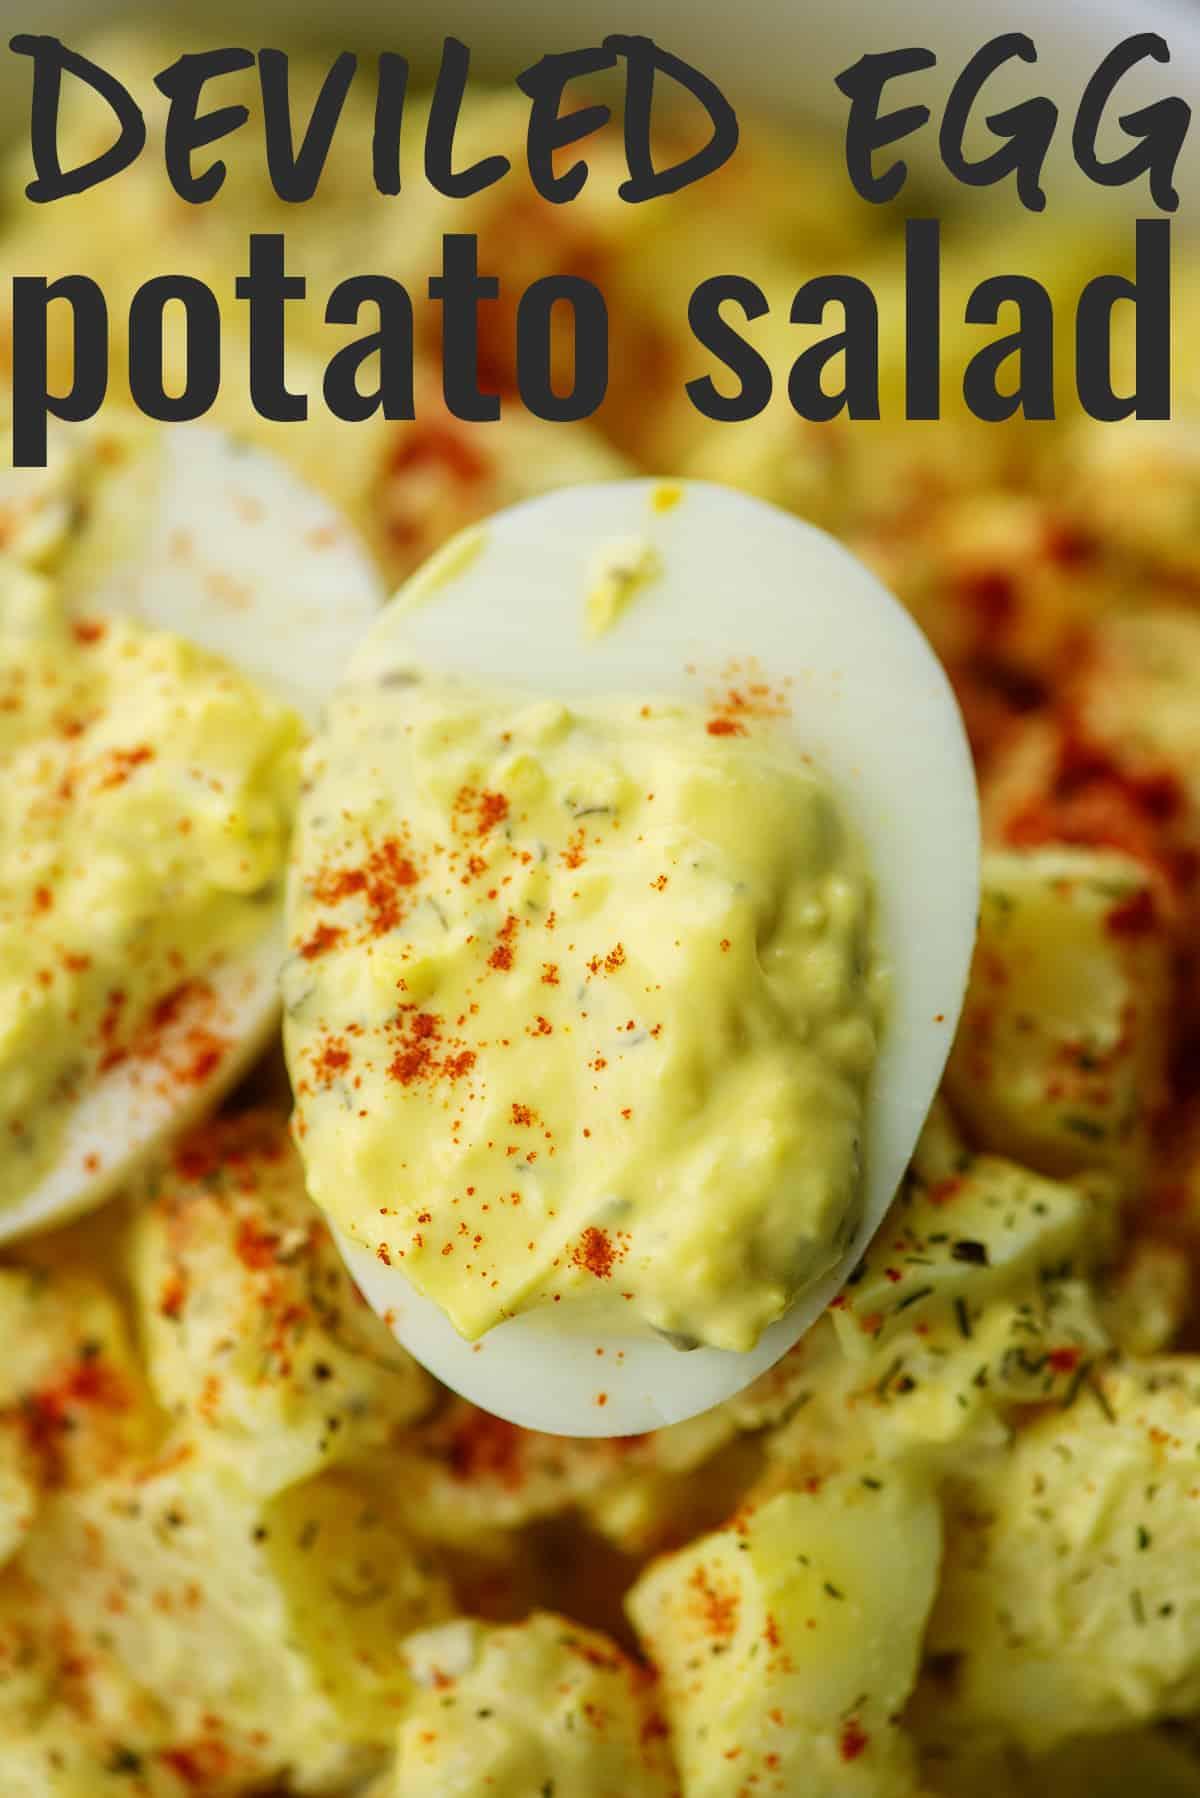 deviled egg in bowl of potato salad